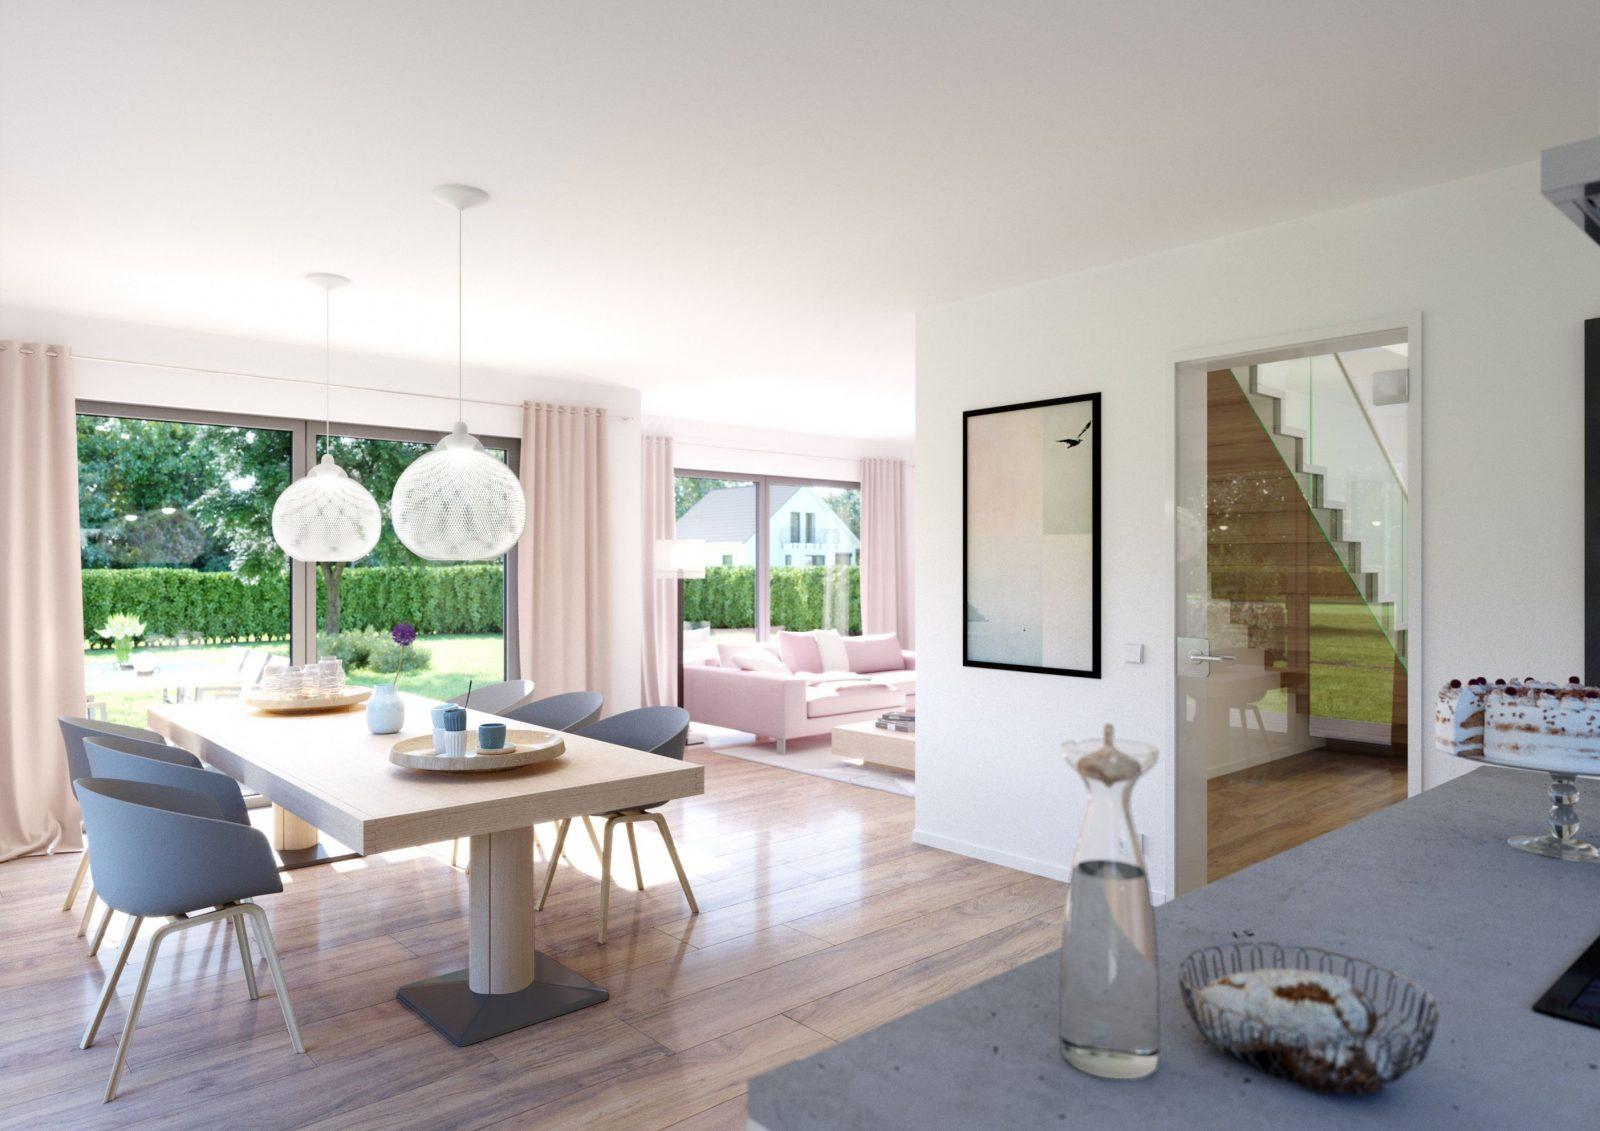 Familienhäuser  Saxli  Kern Haus Familienhaus Und Wohn Esszimmer von Modernes Wohnzimmer Mit Essbereich Photo